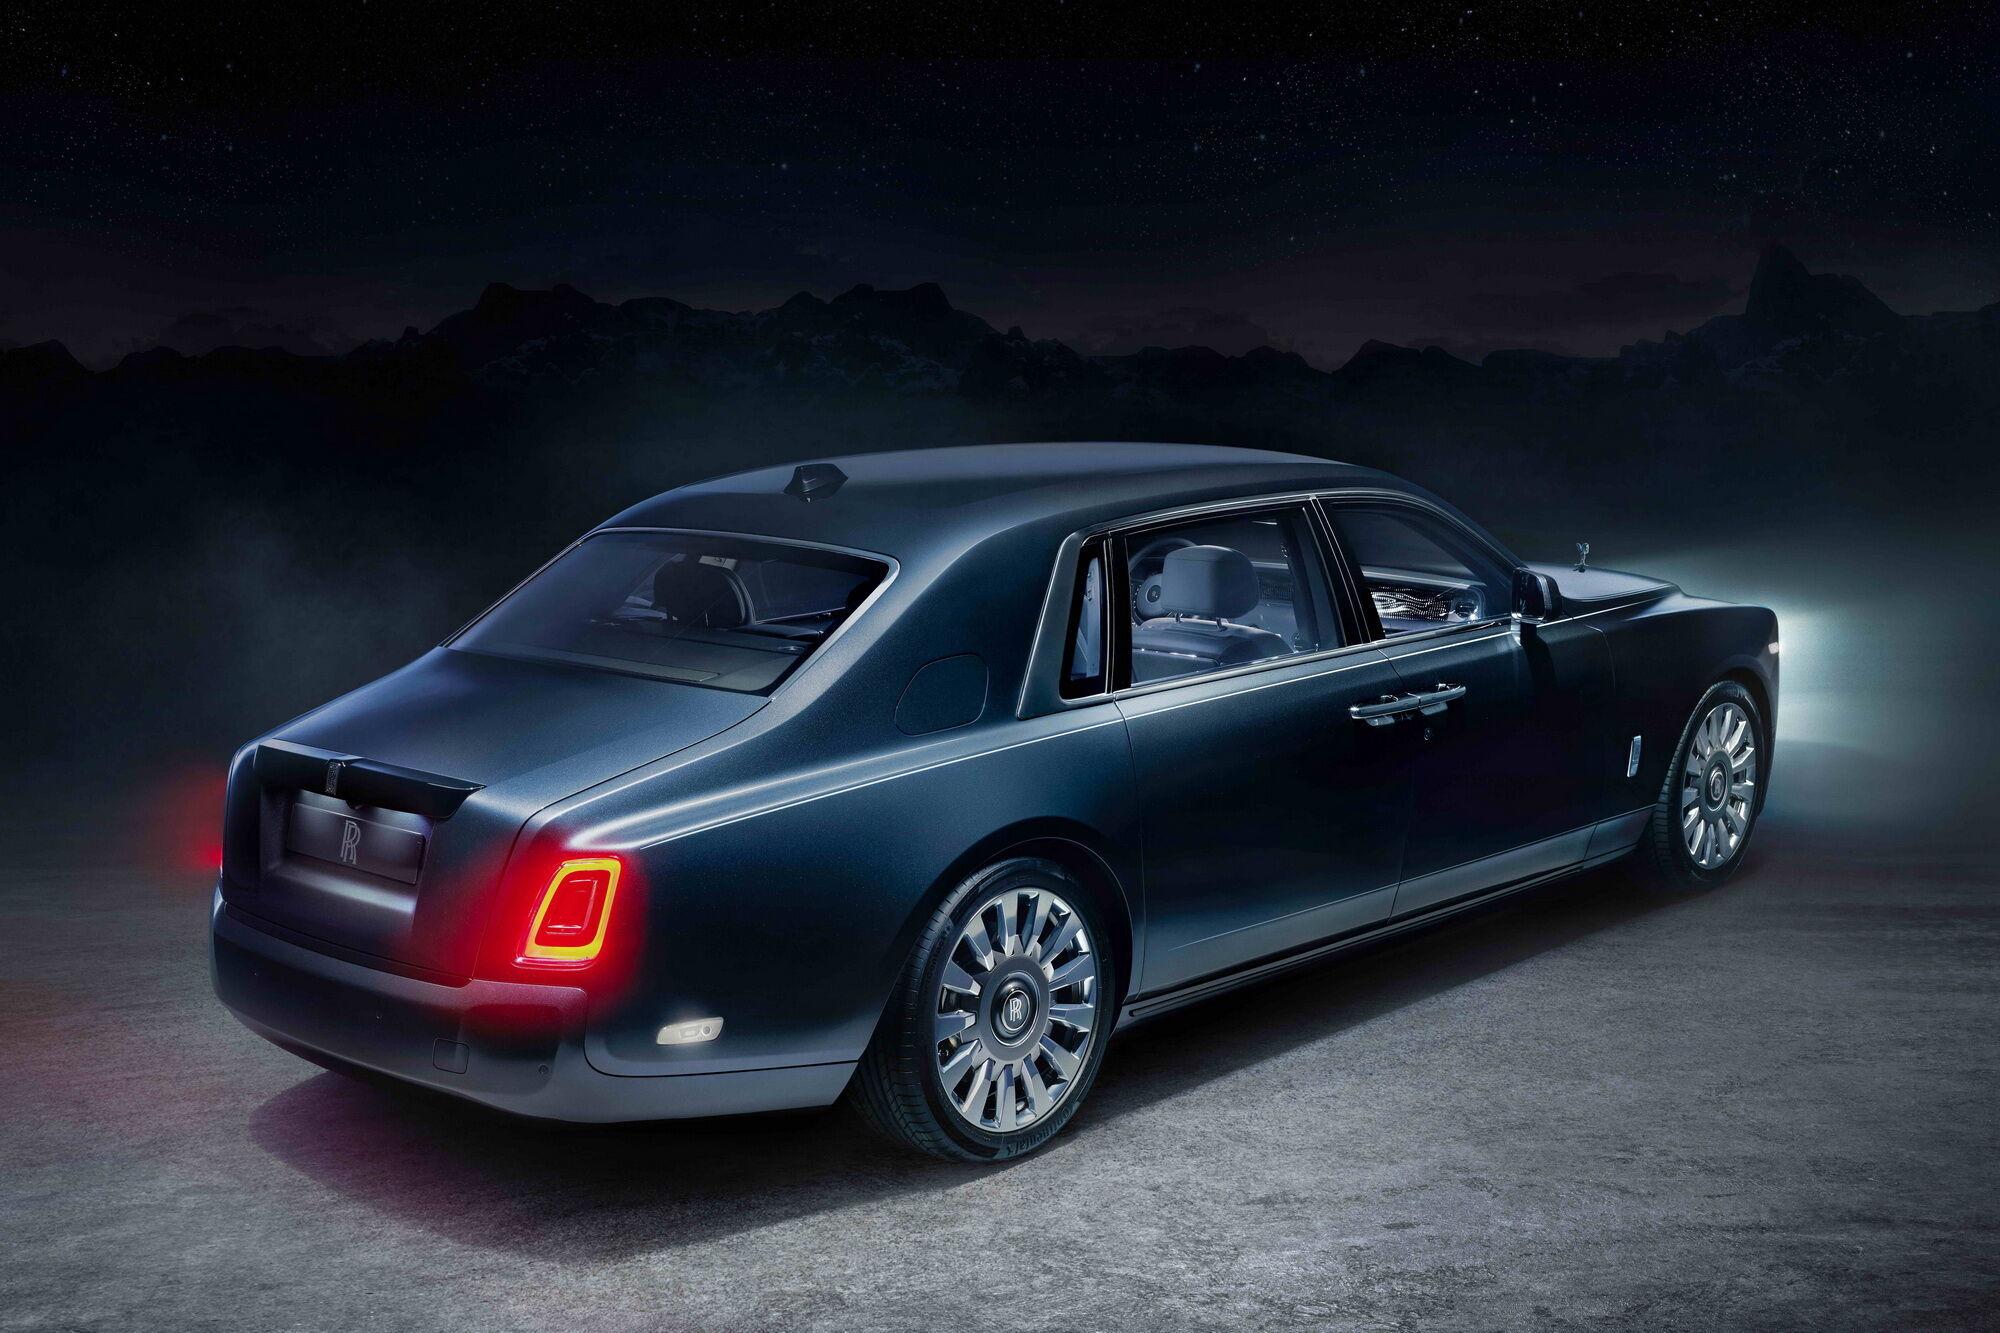 Кузови автомобілів колекції Phantom Tempus покриті новою фарбою відтінку Kairos Blue, що символізує загадкову темряву космосу